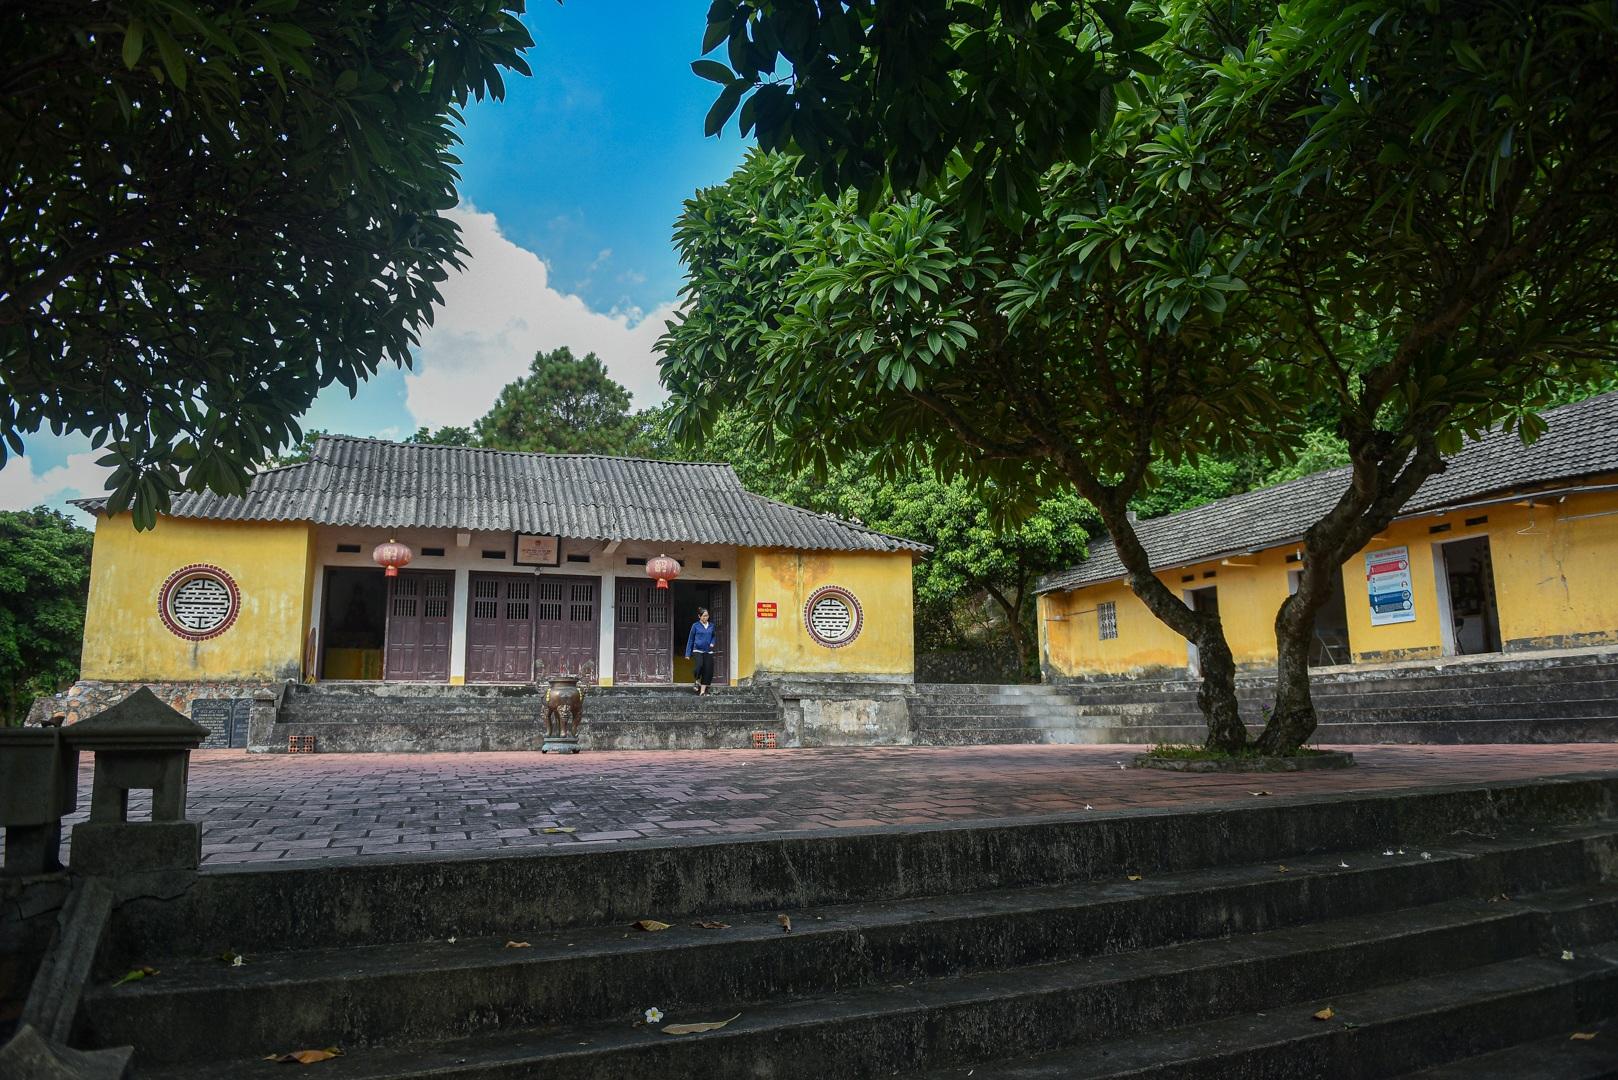 Chùa, quán Ngọc Thanh - nơi Nguyễn Trãi làm bài thơ nổi tiếng muôn đời - 4